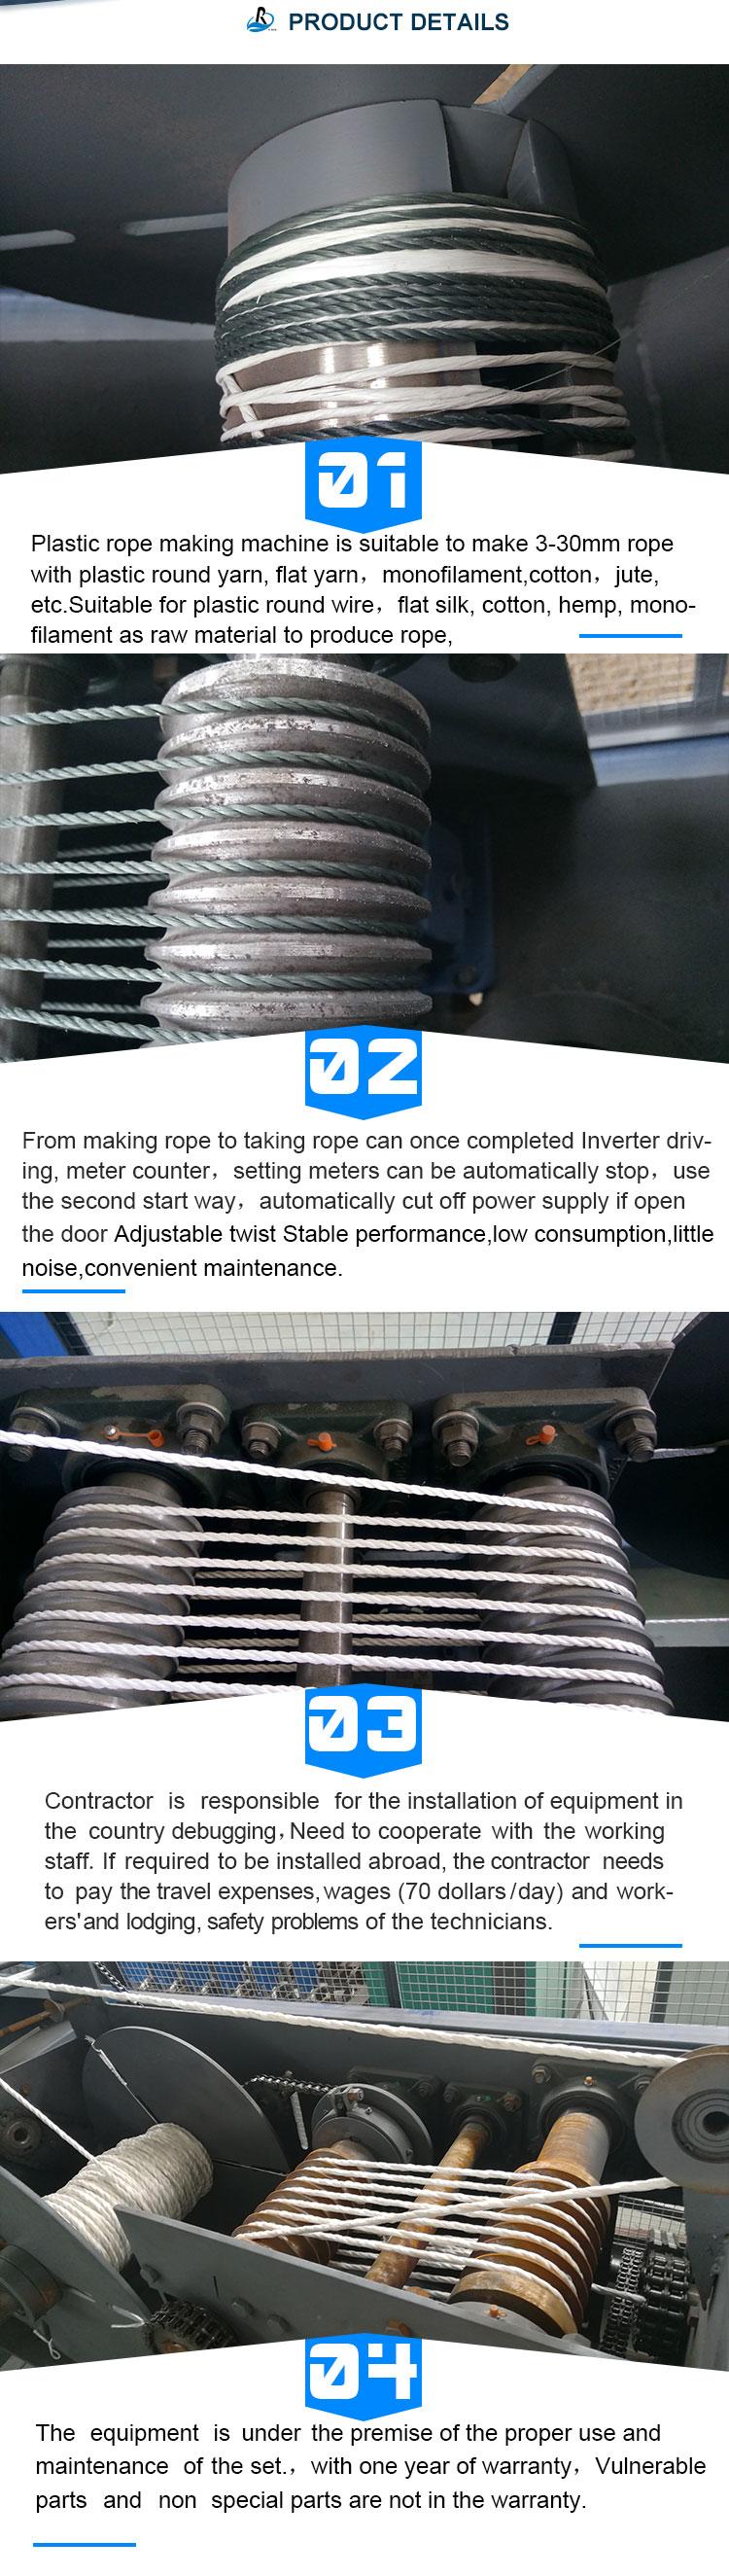 ผู้ผลิตมืออาชีพผ้าฝ้ายพลาสติกเชือกถักเปียสายเครื่องทำ